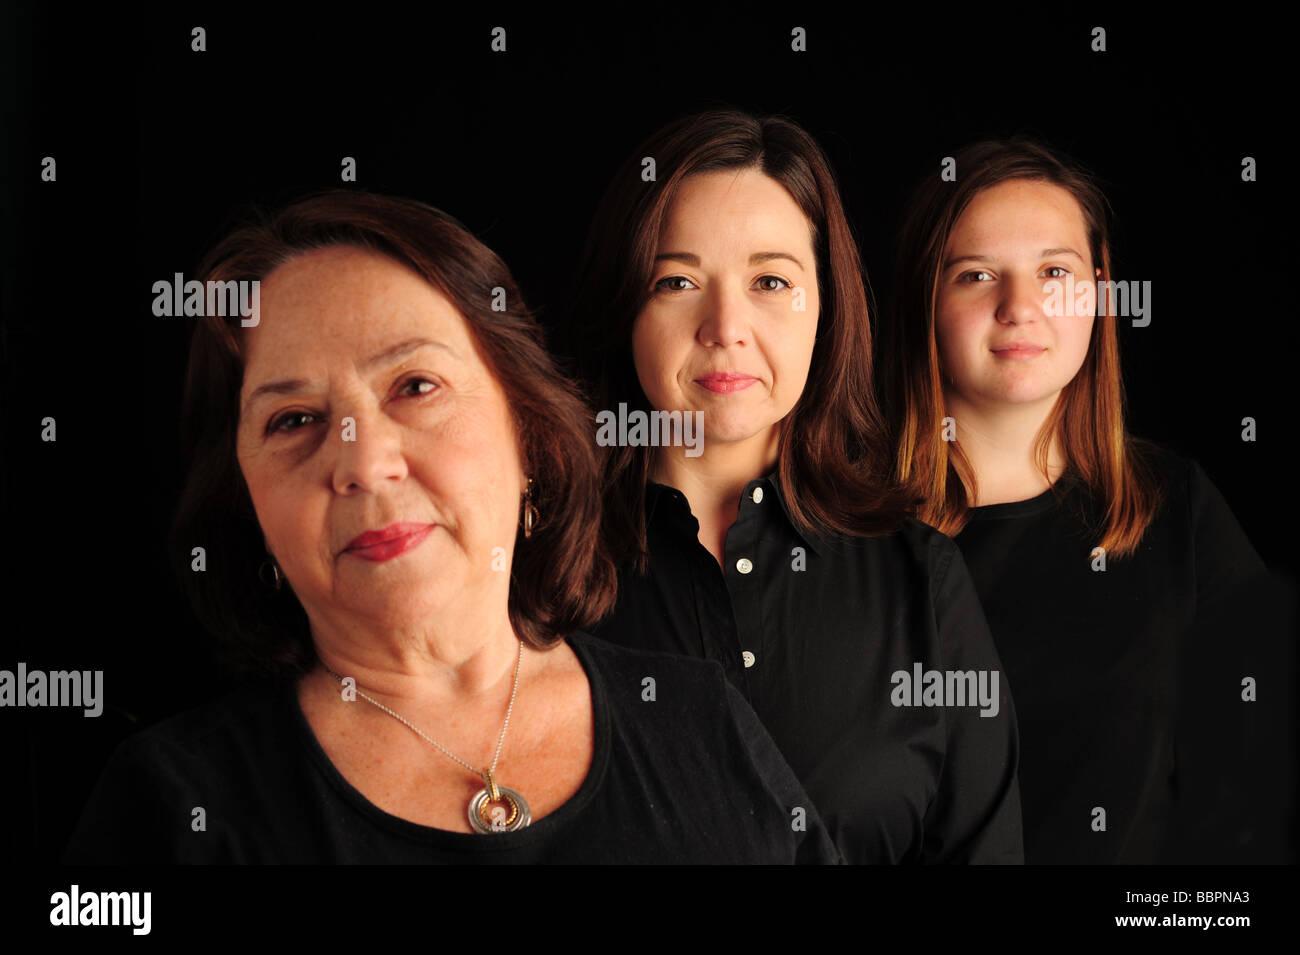 Three 3 generations of hispanic women - Stock Image